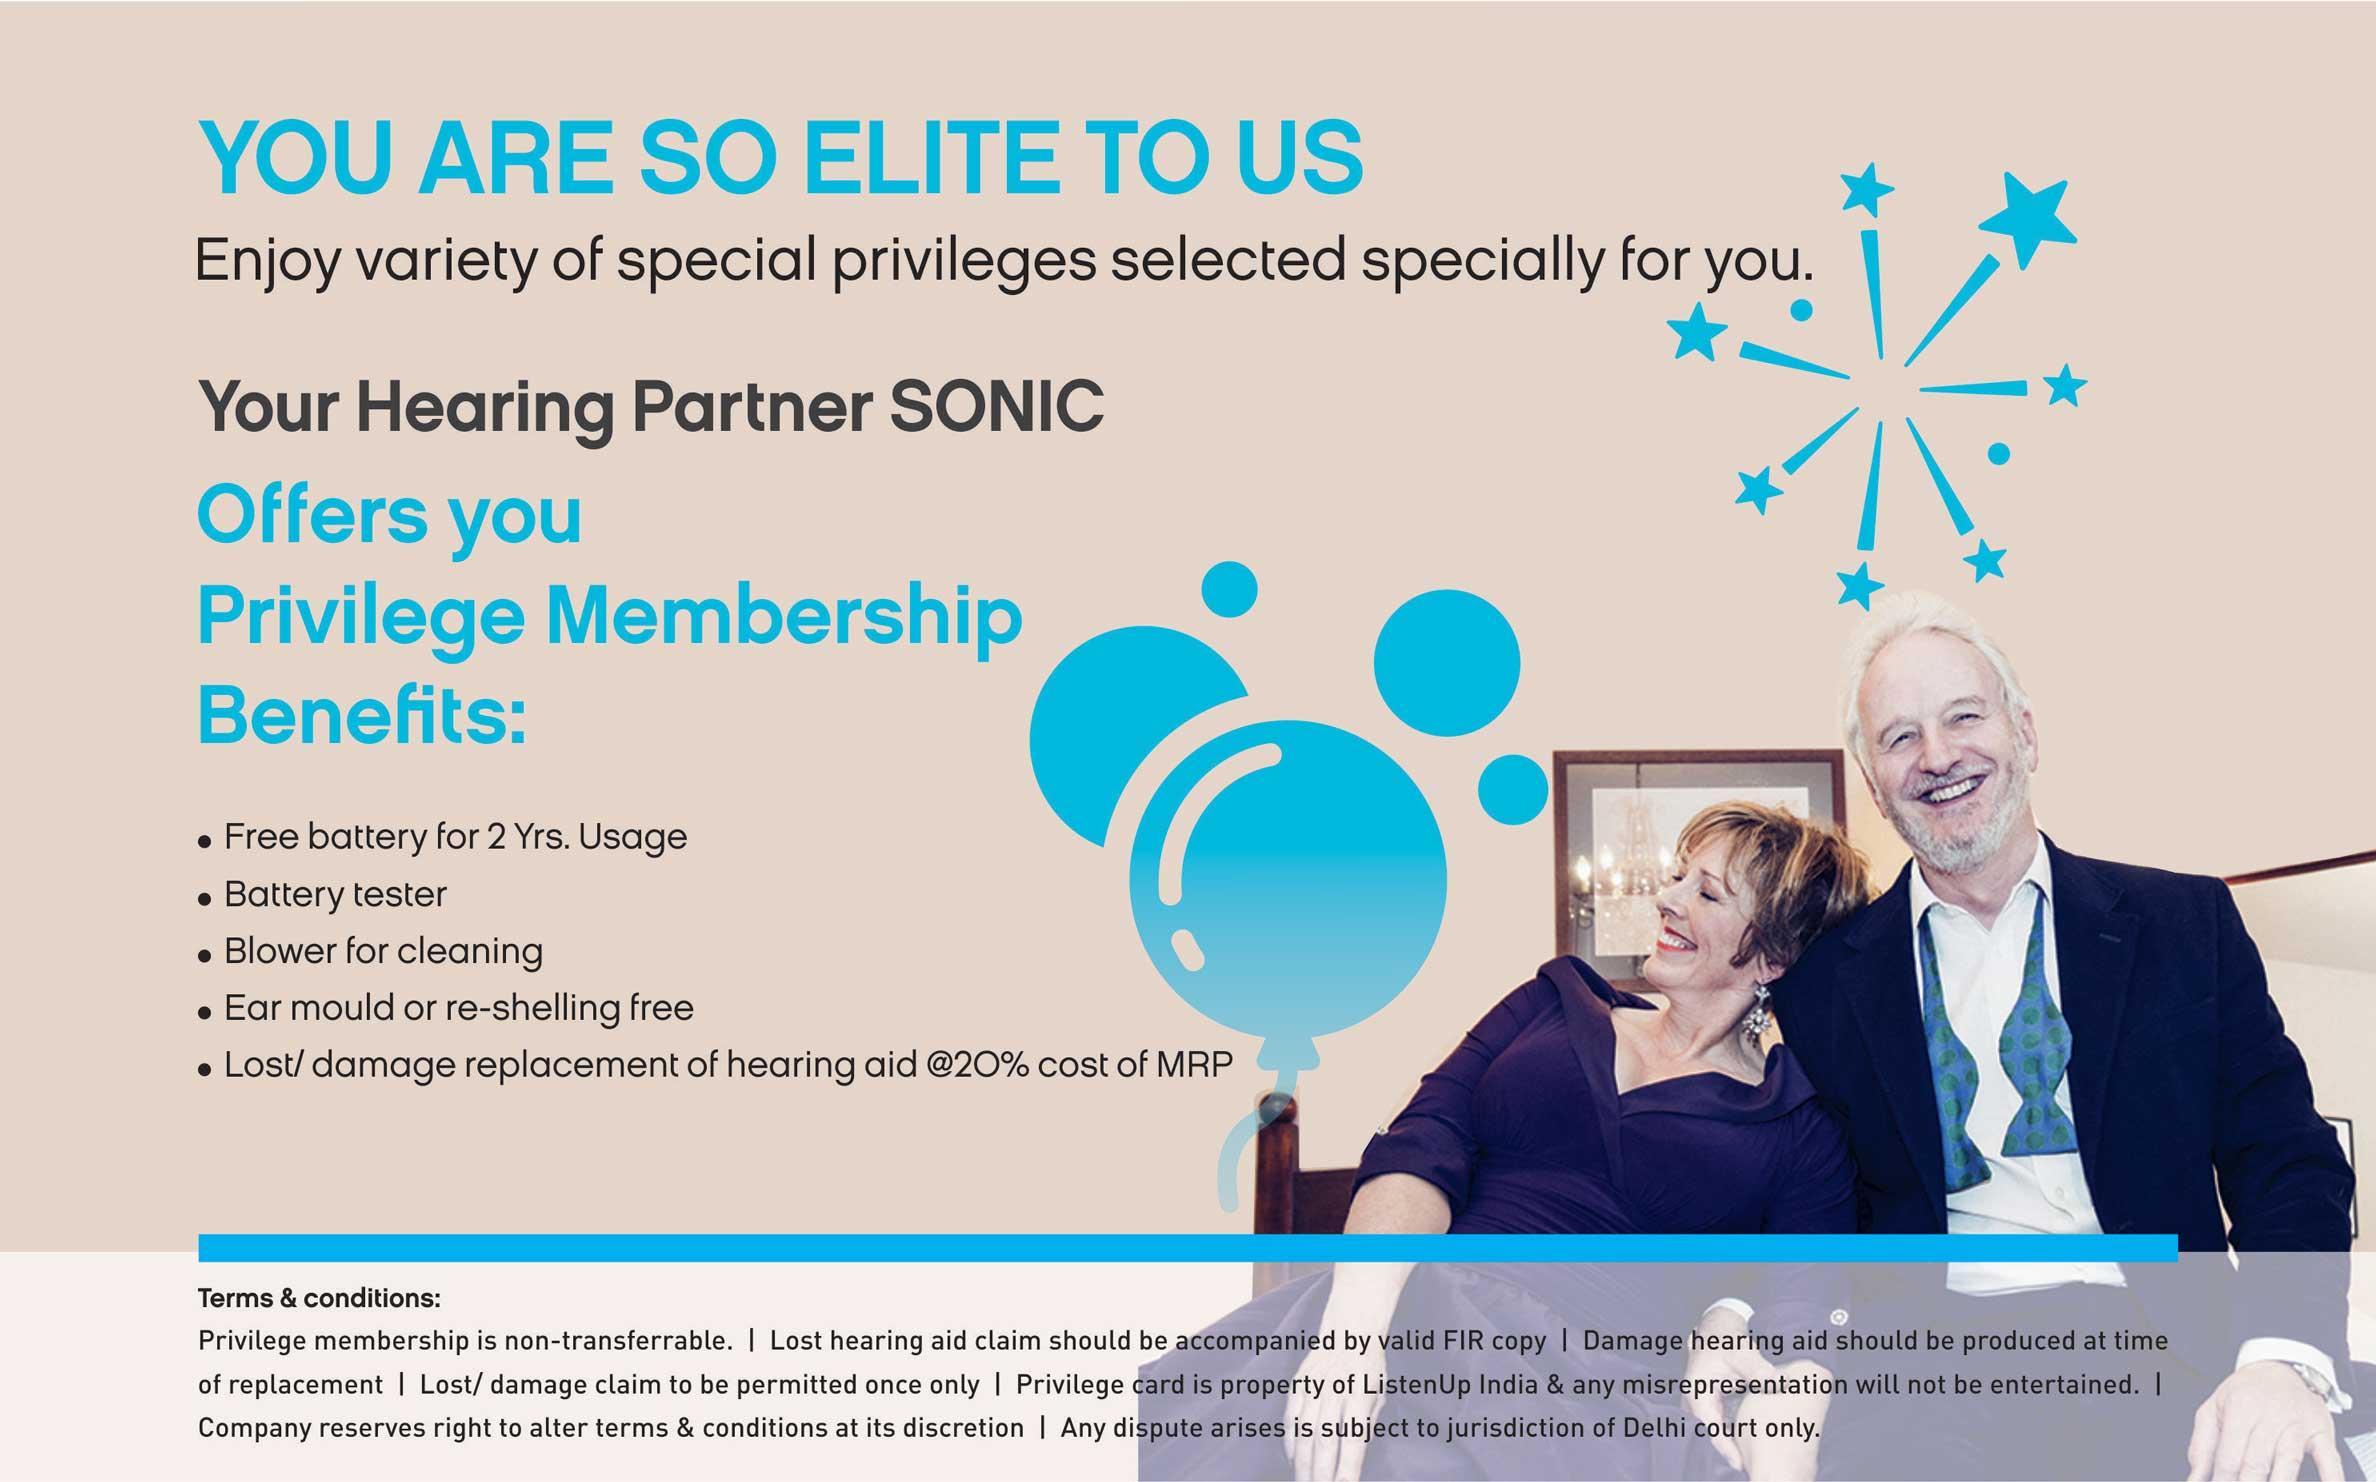 Privilege Membership